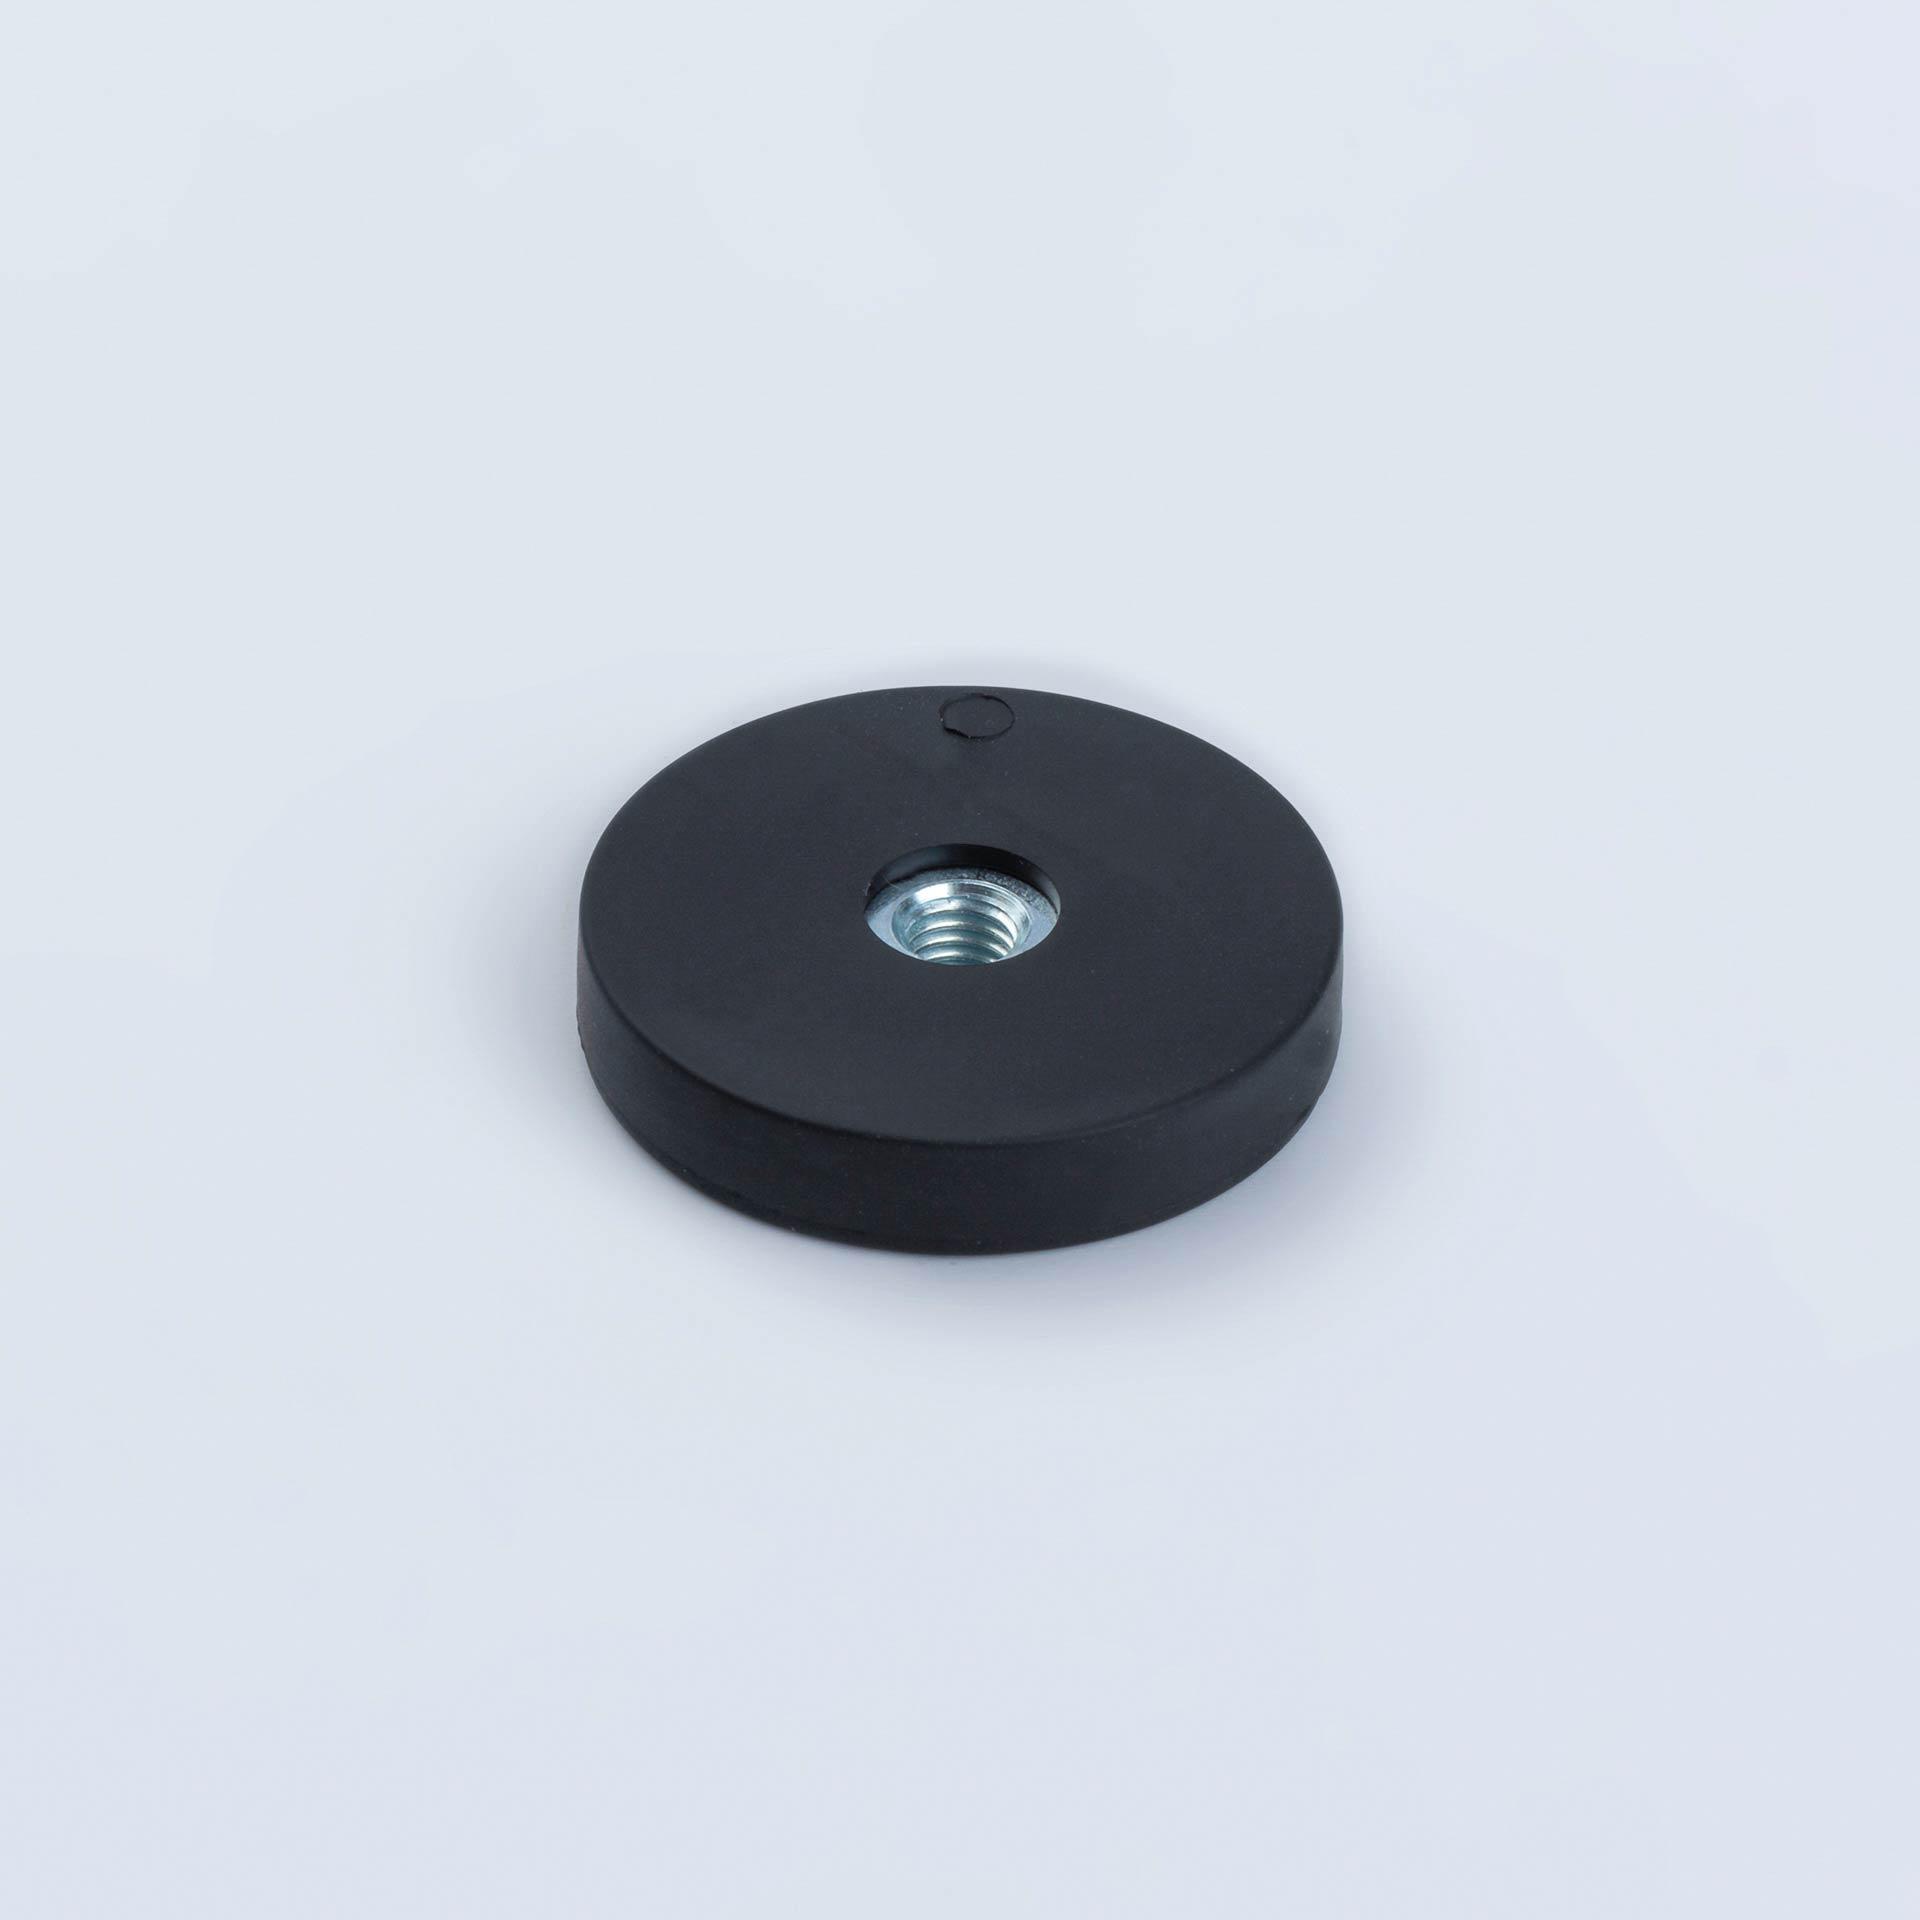 Flachgreifer aus Neodym mit Innengewinde, schwarz gummiert, thyssenkrupp Magnettechnik